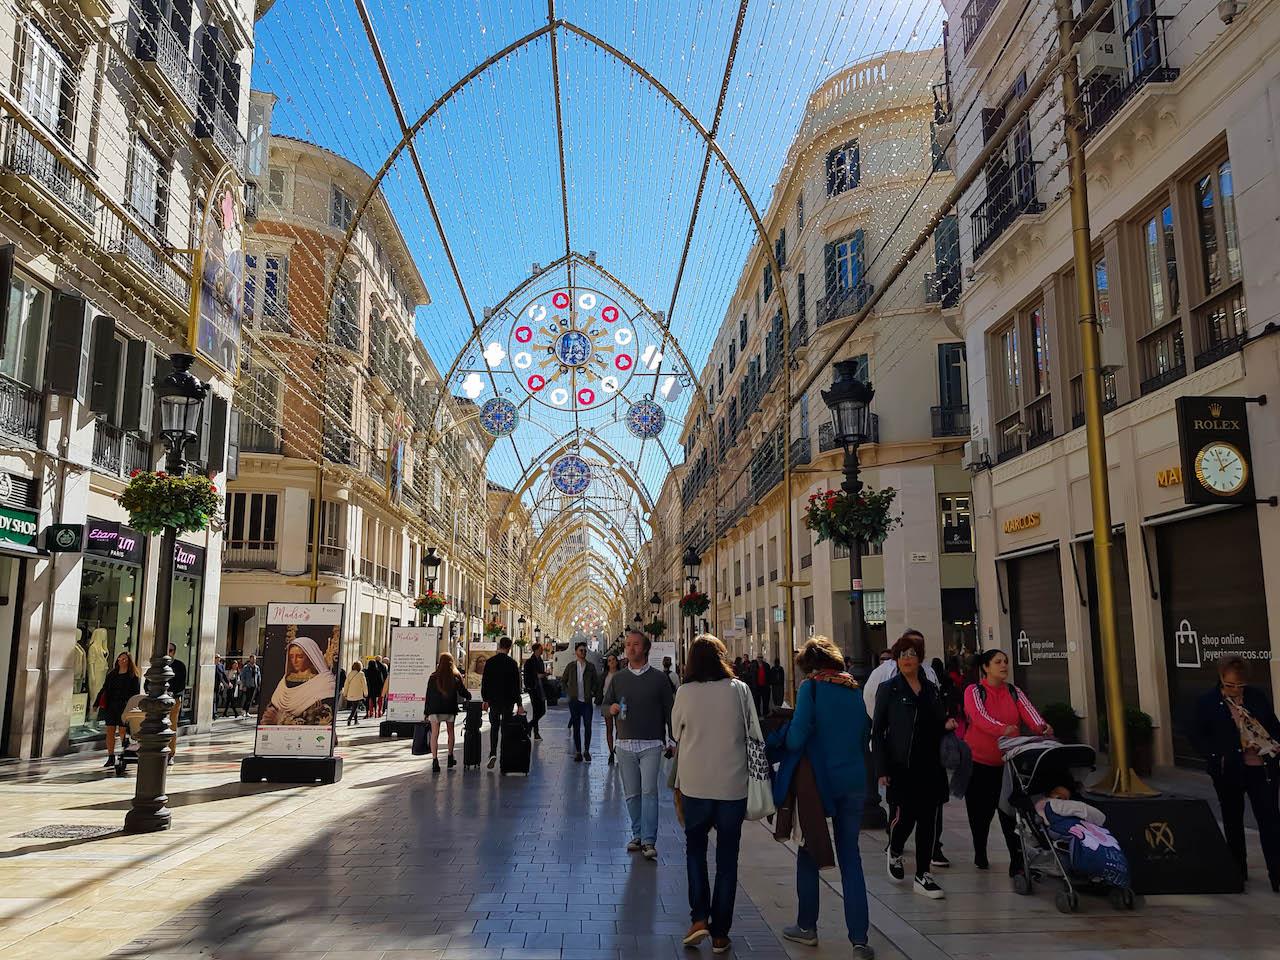 Innenstadt von Malaga.